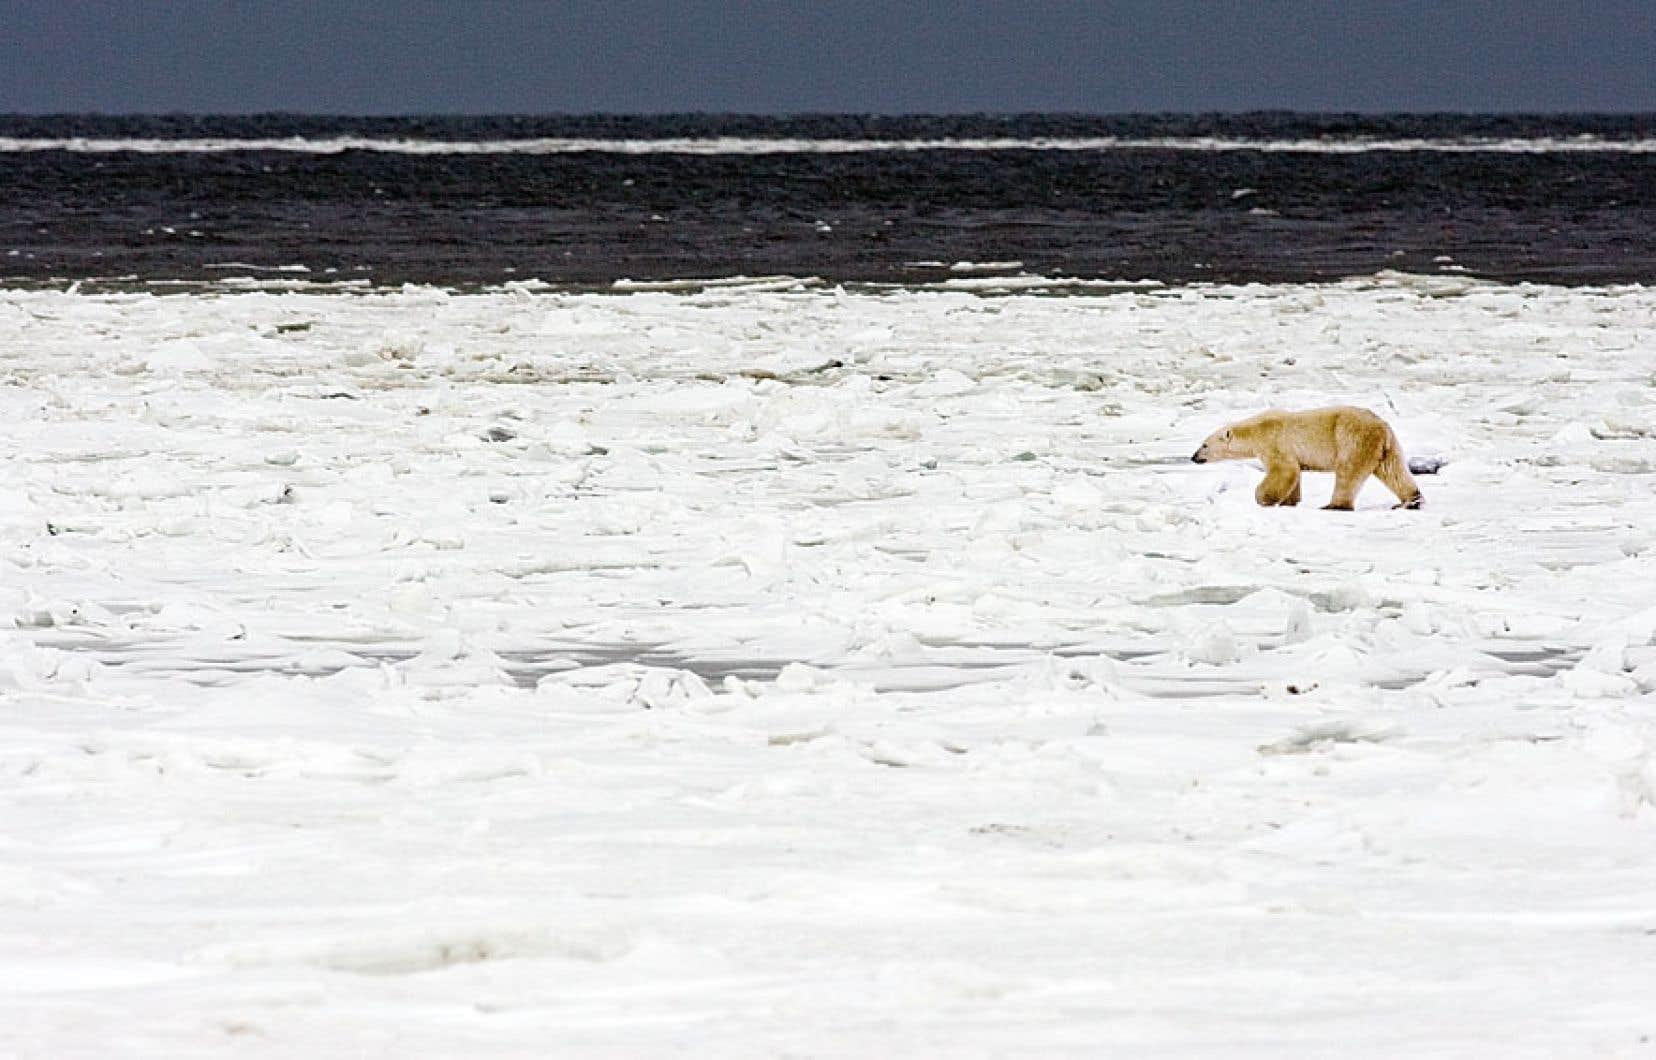 On retrouverait entre 20 000 et 28 000 ours polaires à travers le monde, dont les deux tiers en sol canadien.